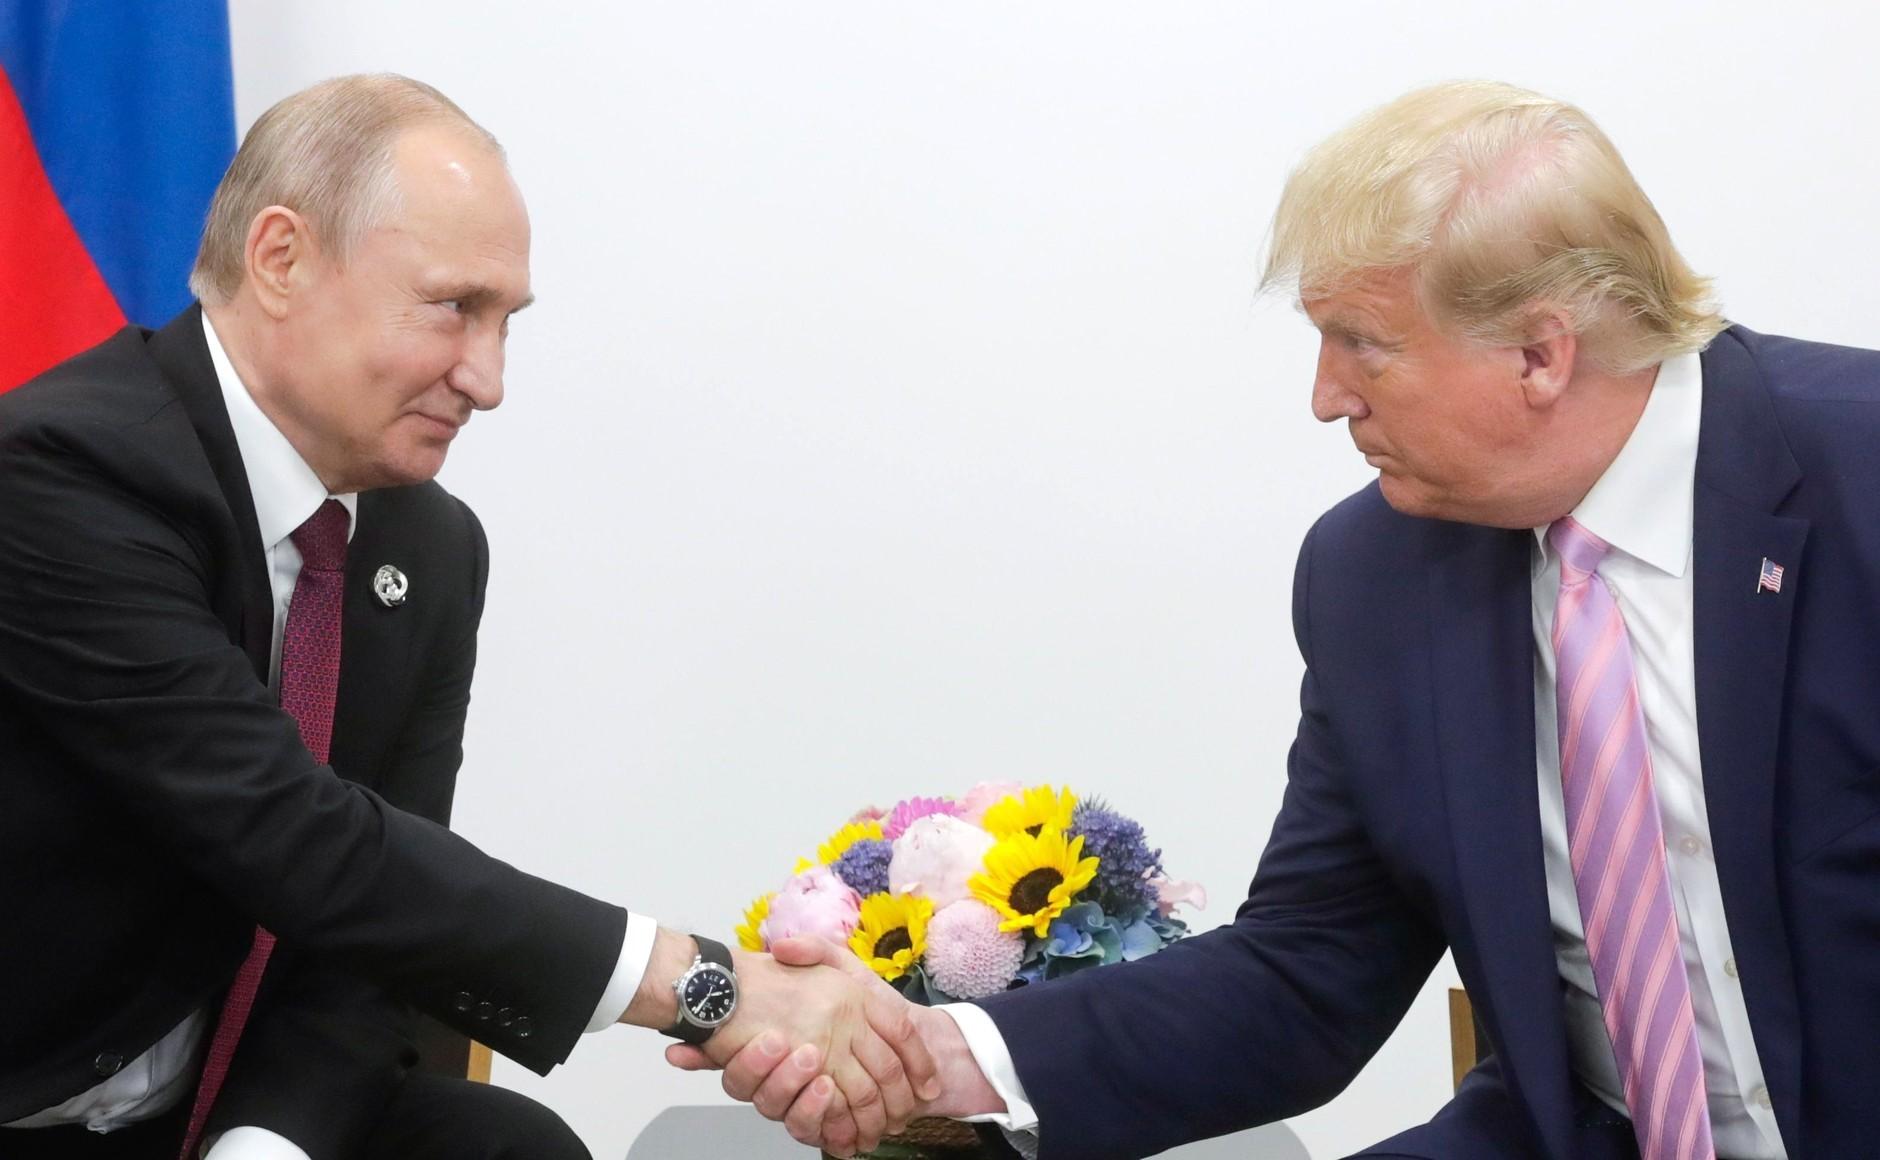 Putyin orvosi felszerelést szállító orosz katonai gépet küldött az USA-ba, Trump a segítséget köszönettel elfogadta